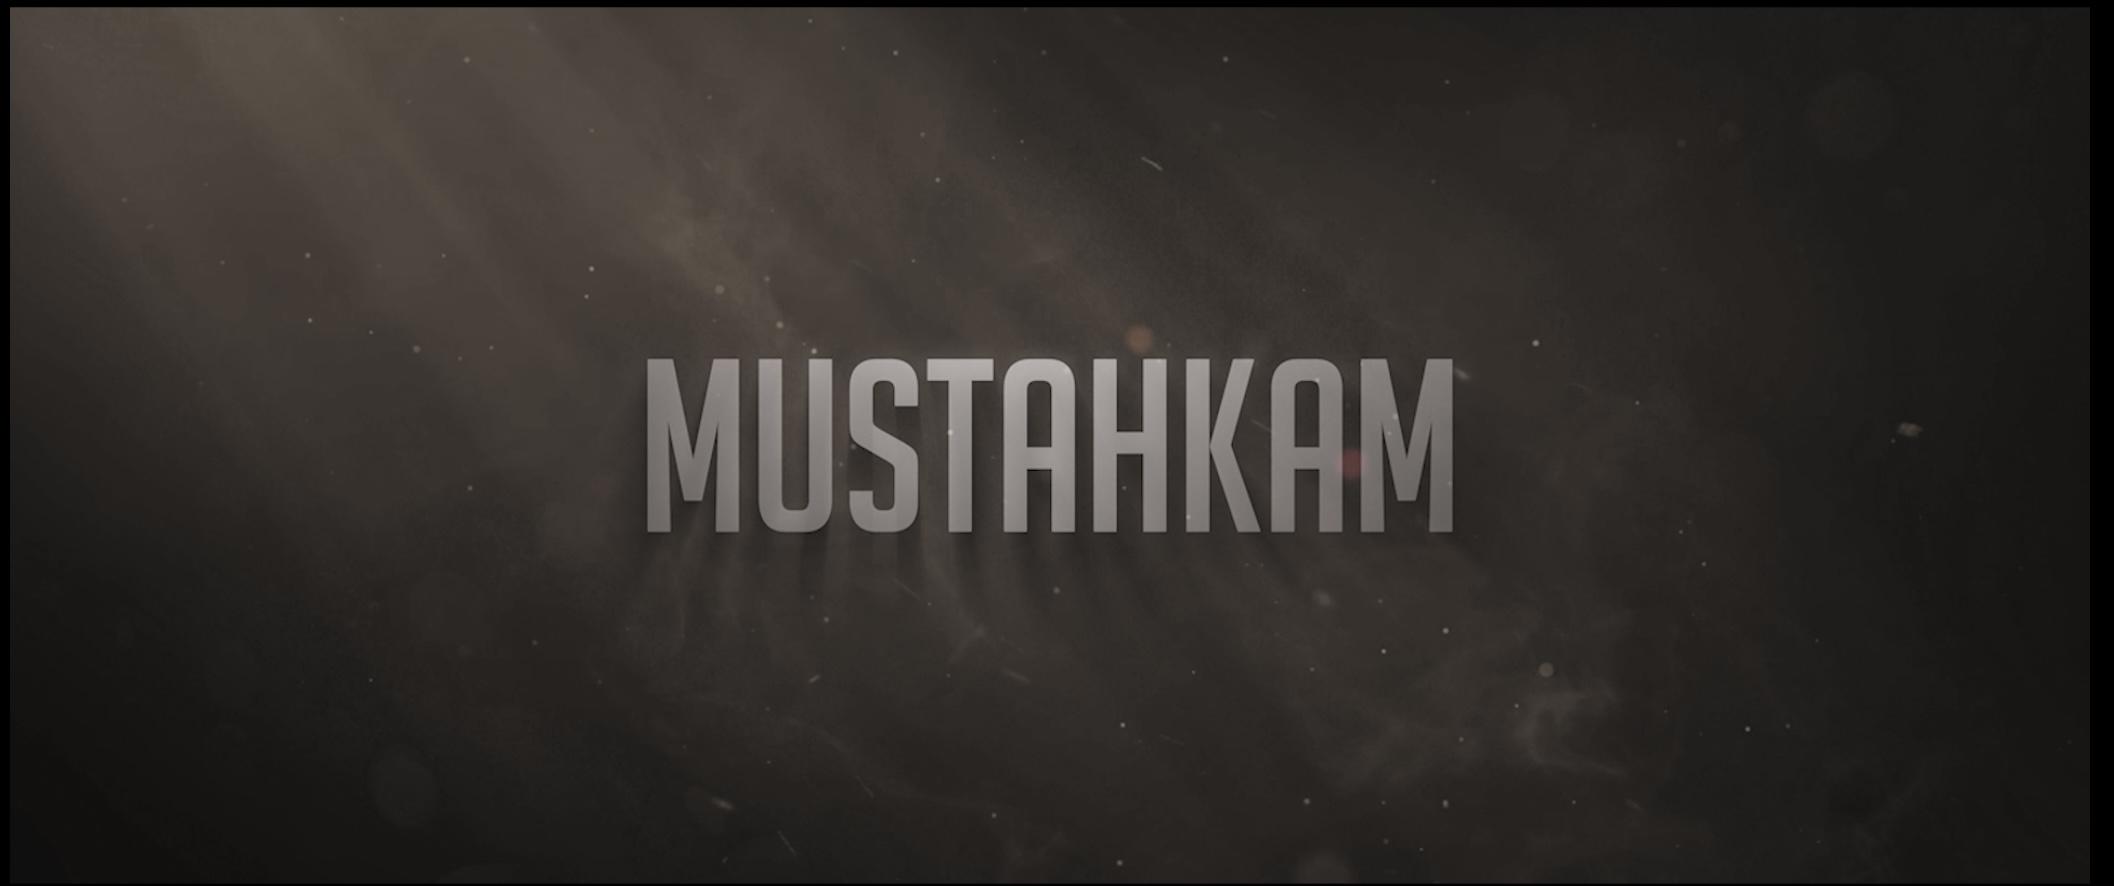 По случаю дня сотрудников СГБ, был снят фильм «Мустахкам»